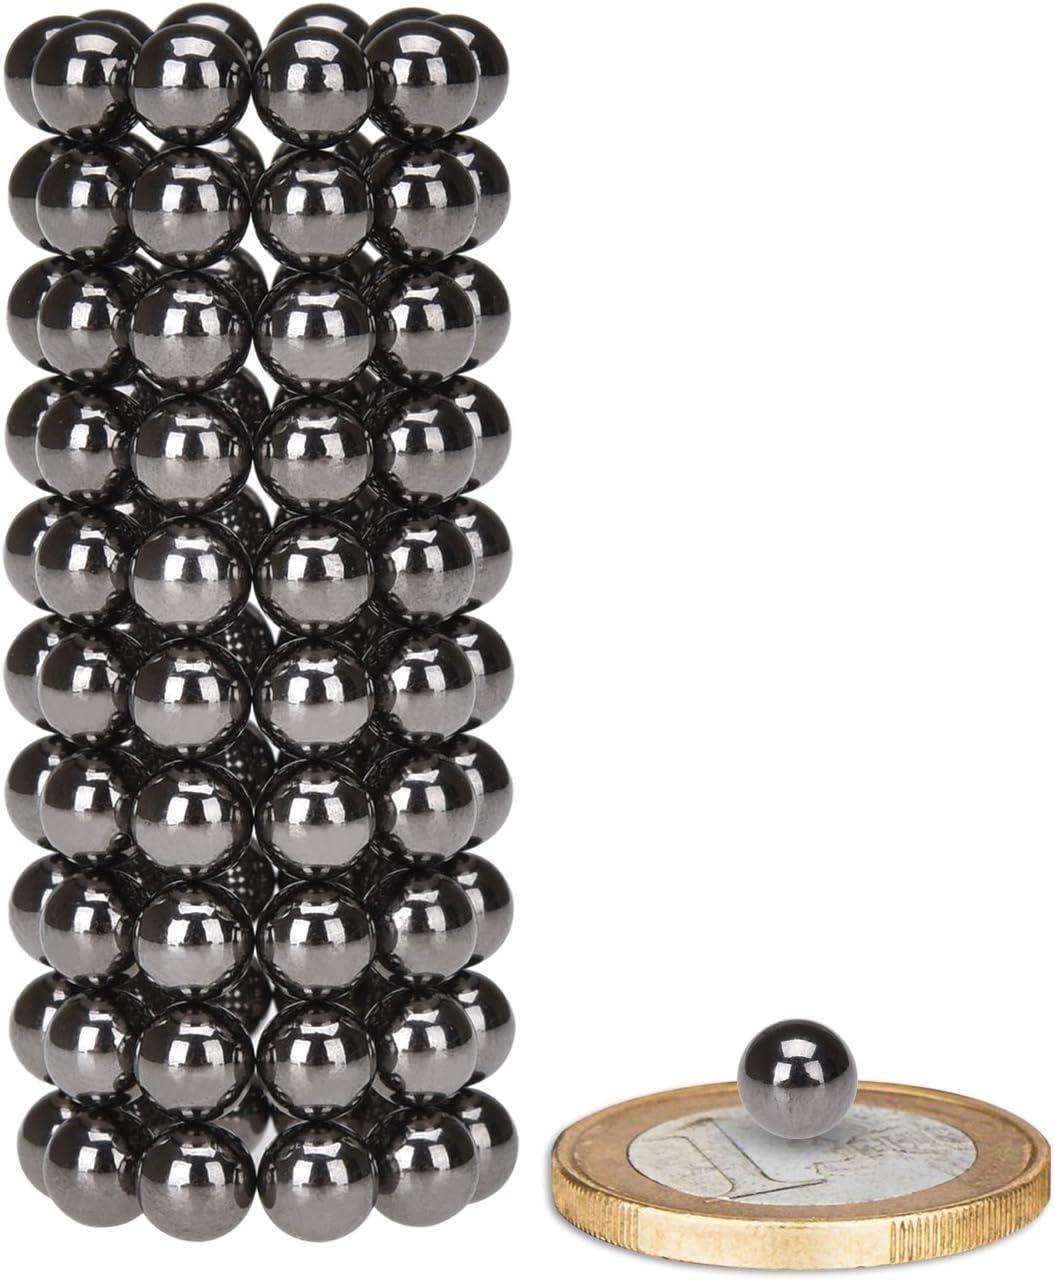 100 St/ücke K/ühlschrank Anthracite und vieles mehr- 5mm Pinnwand Tafel eLander Neodym-Super-Magnete Magnetkugeln Whiteboard Sehr starke Magnete f/ür Glas-Magnetboards Magnettafel